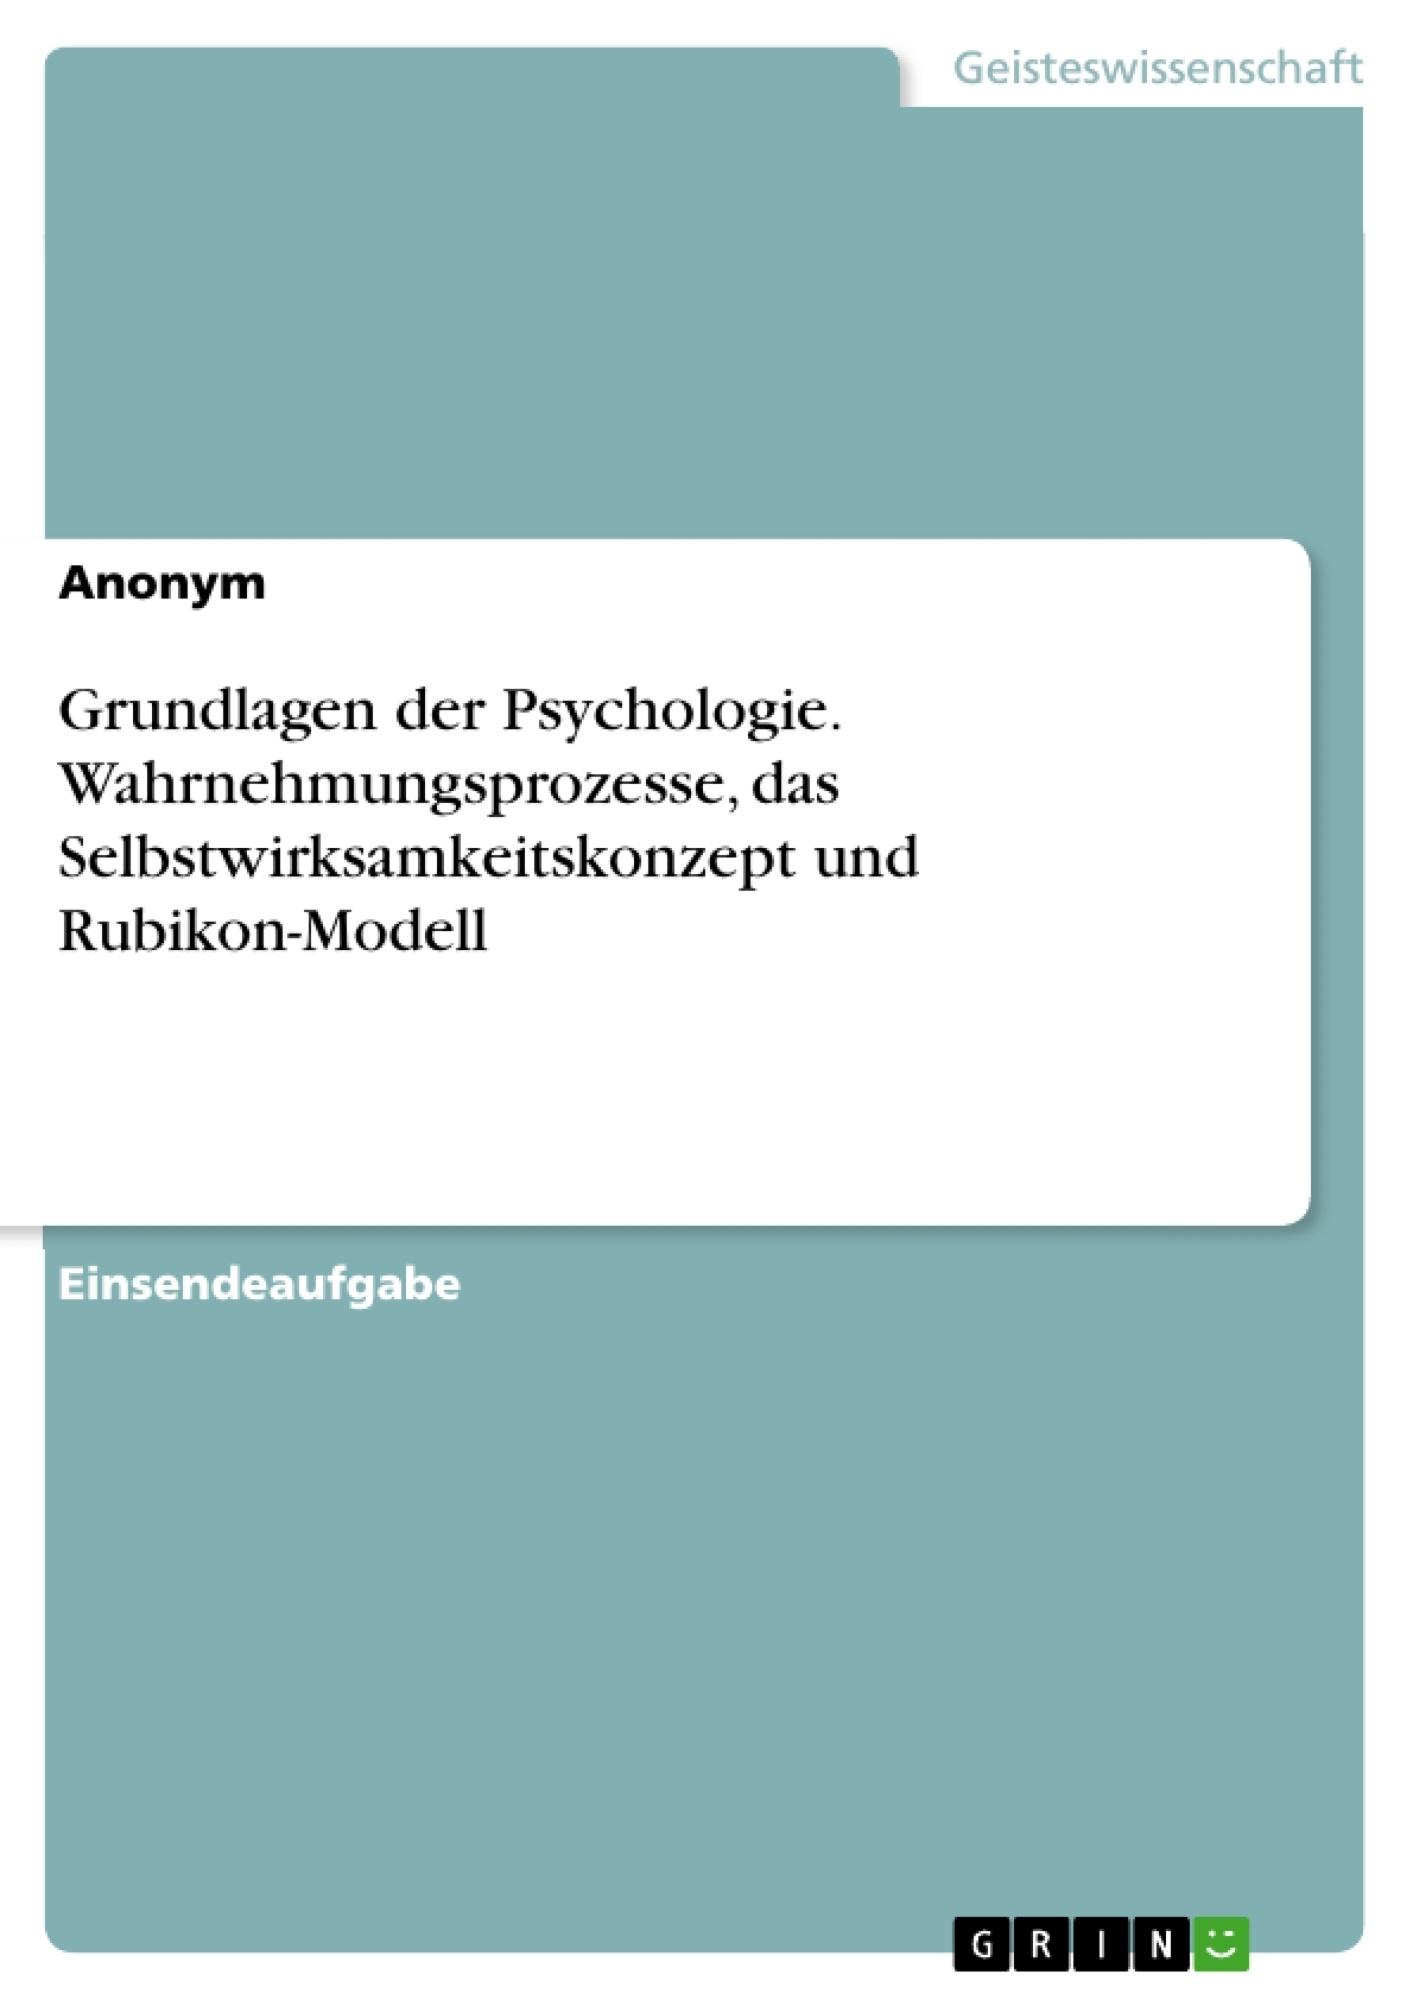 Titel: Grundlagen der Psychologie. Wahrnehmungsprozesse, das Selbstwirksamkeitskonzept und Rubikon-Modell